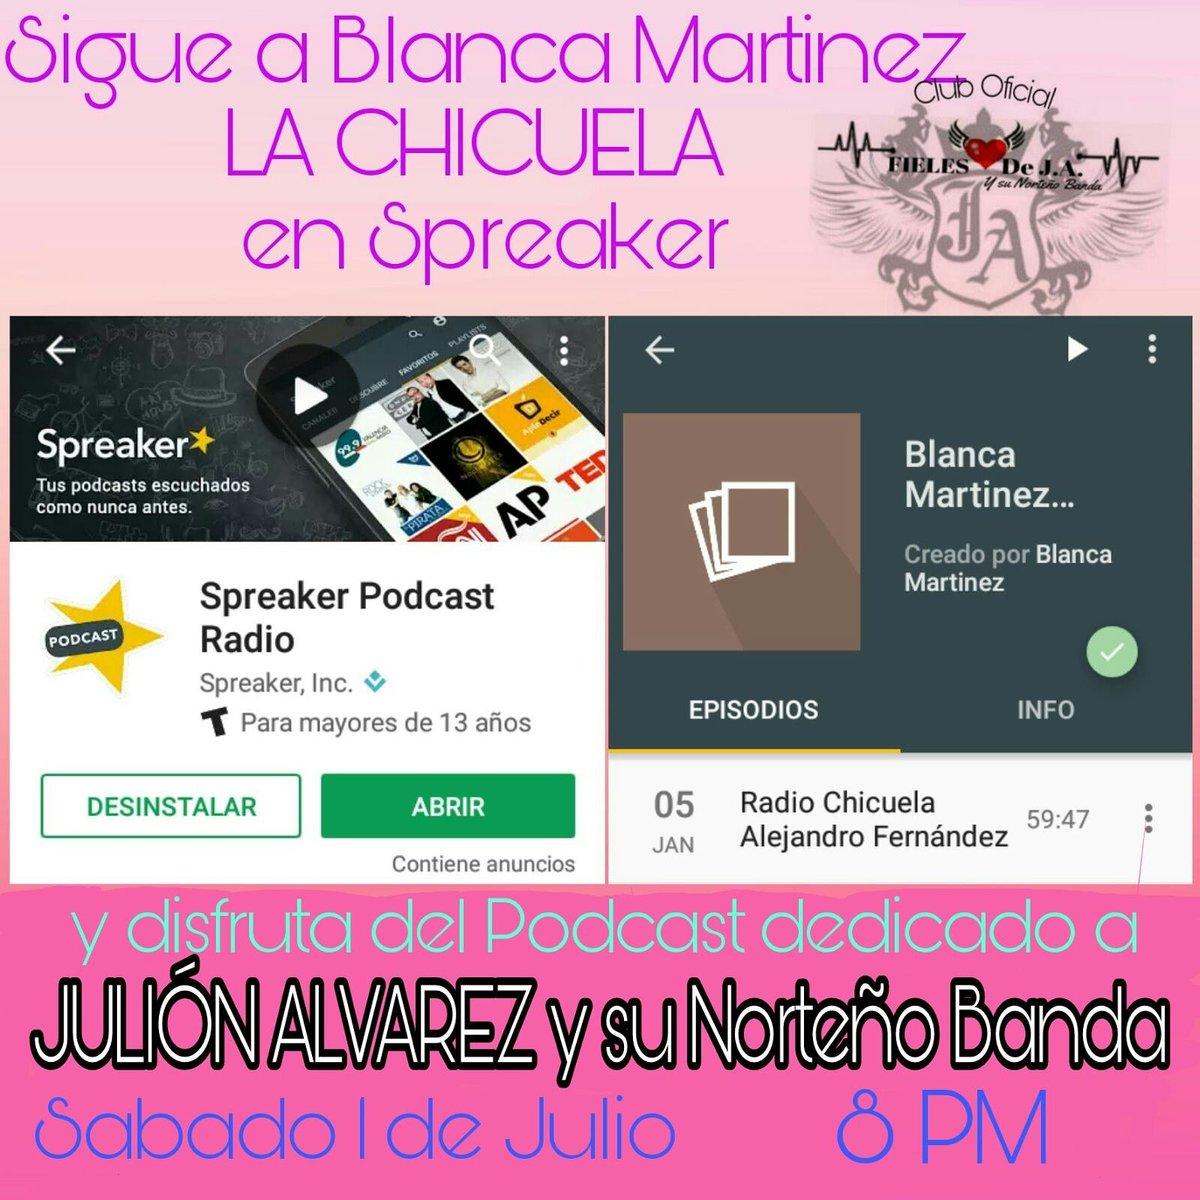 test Twitter Media - Ya sigues a @chicuela en @spreaker? Este 1 de Julio tiene un #Podcast con @julionalvarez #YSNB No te lo pierdas! 8Pm  #FielesJA invita! https://t.co/dSEnqQBYCQ